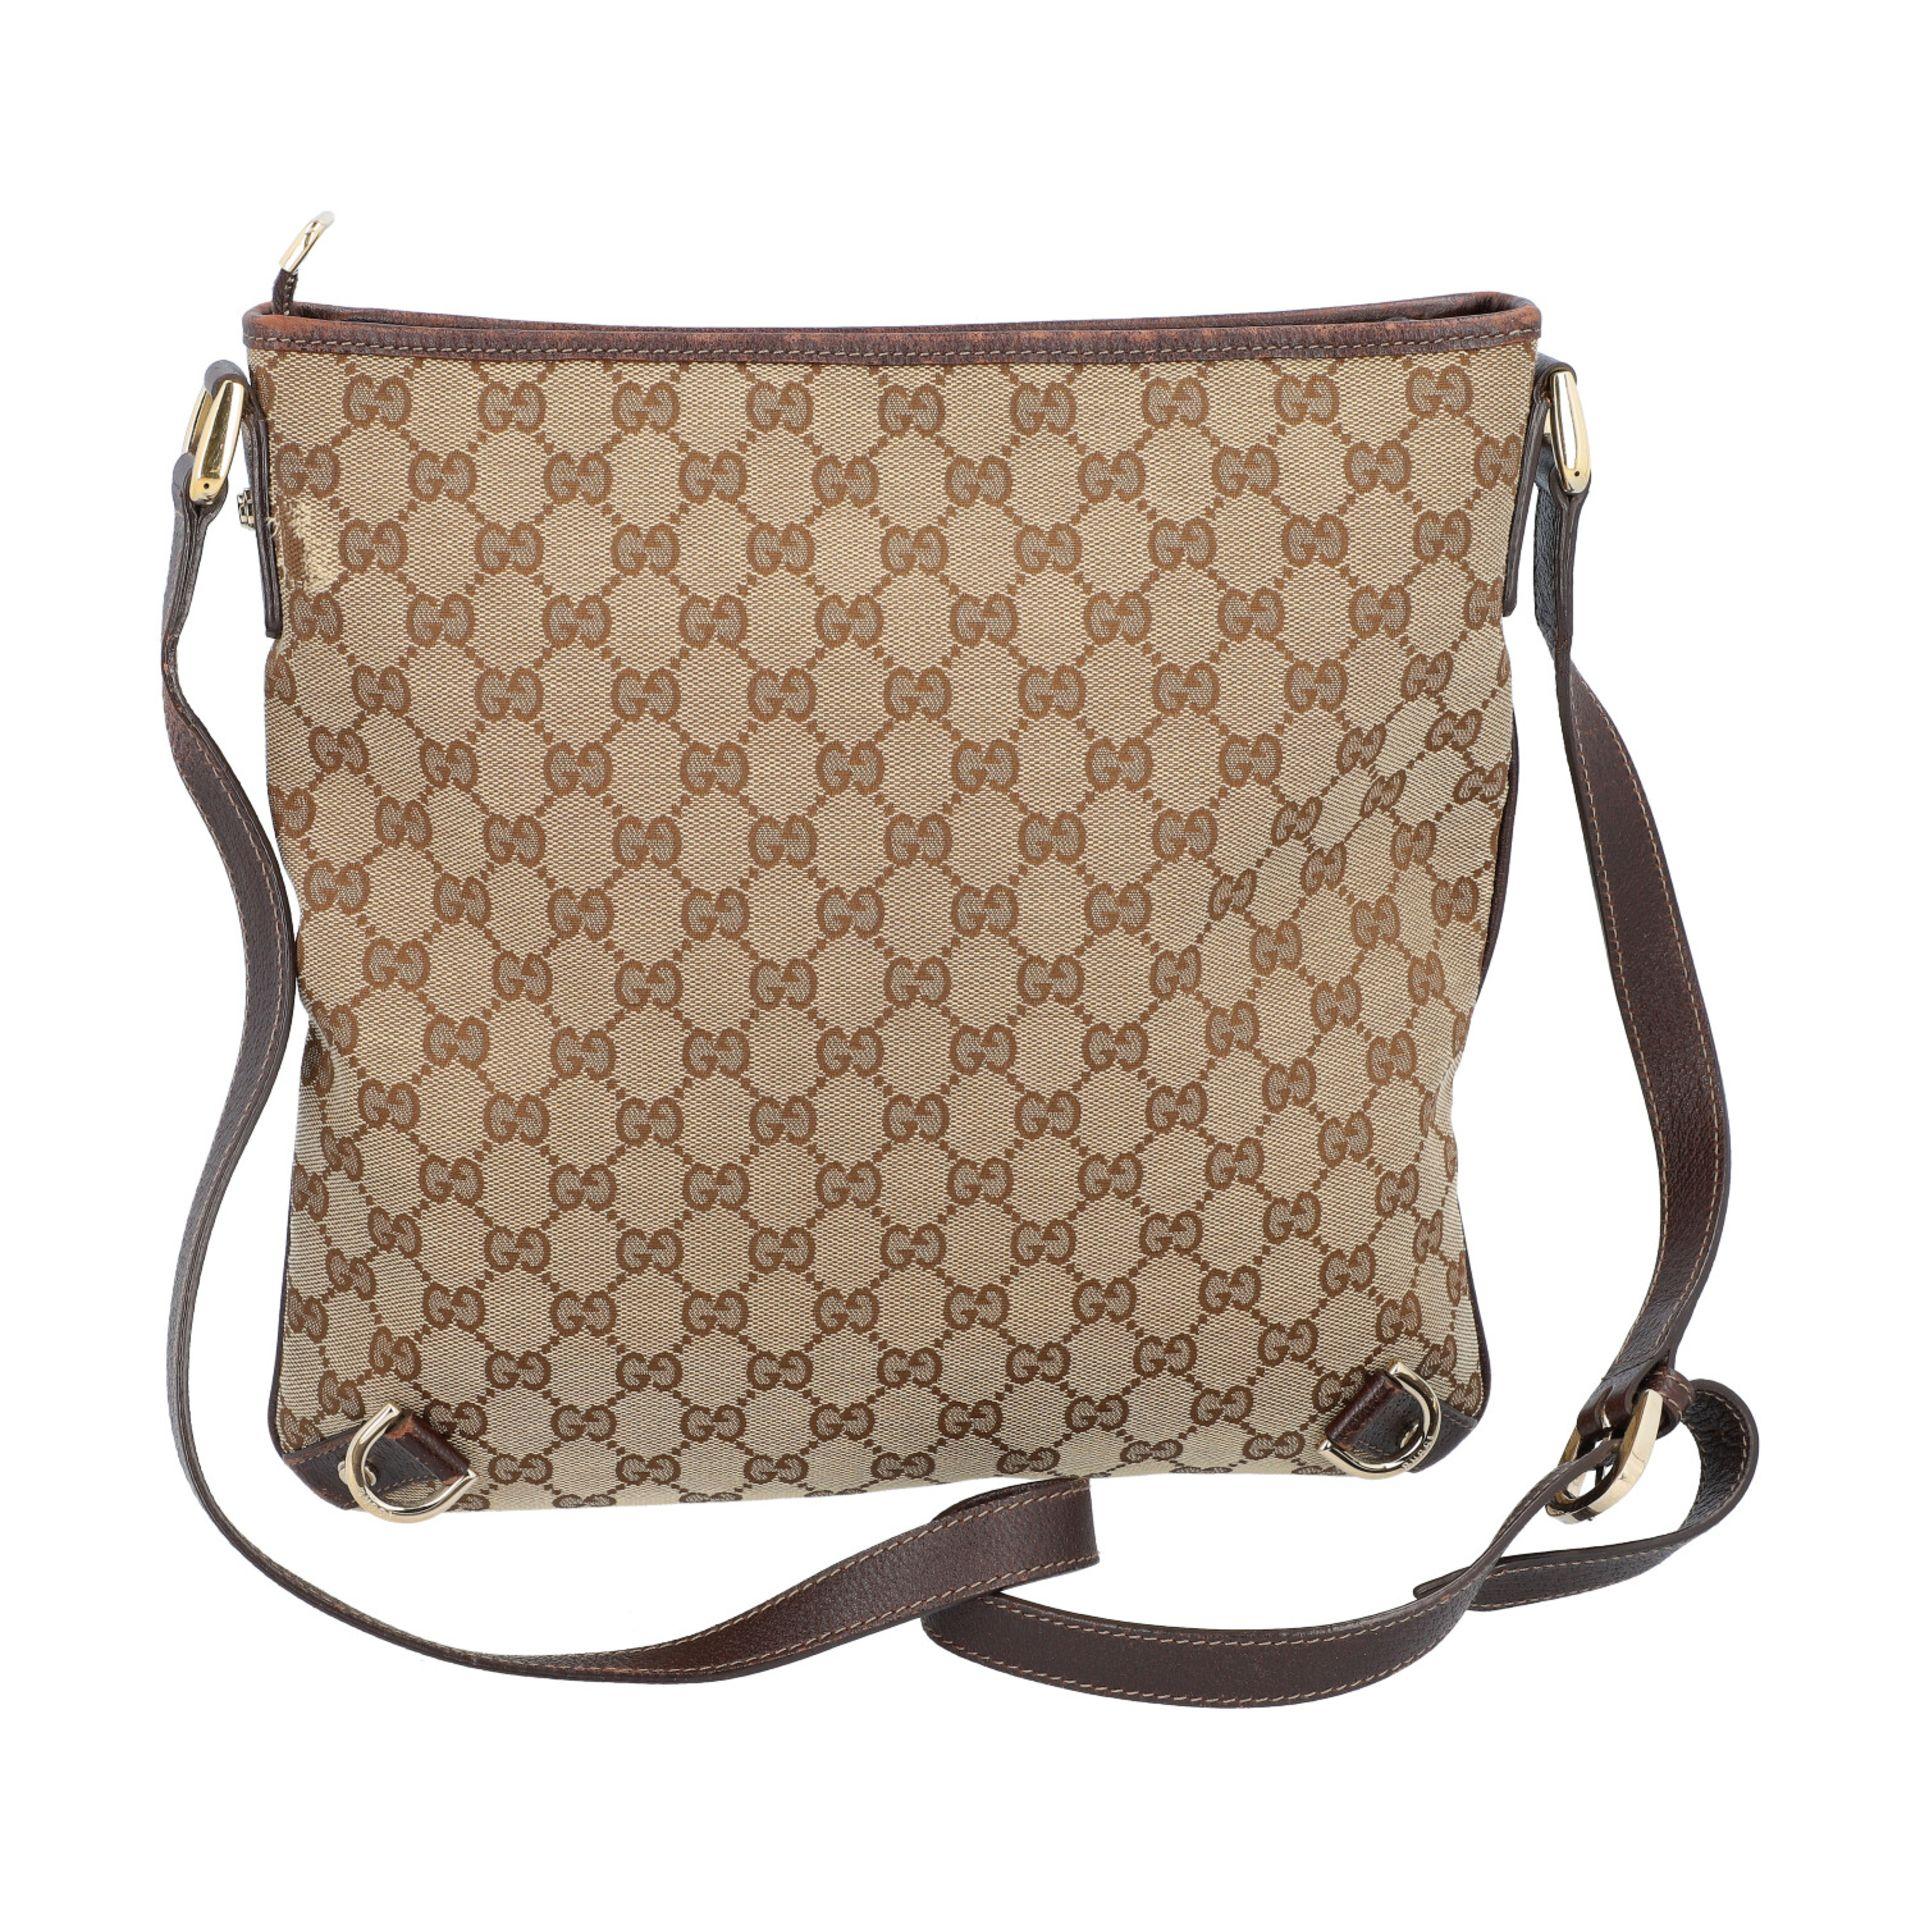 GUCCI Handtasche. Guccissima Design auf Textil in Beige und Braun, braunfarbene Leder- - Image 4 of 8